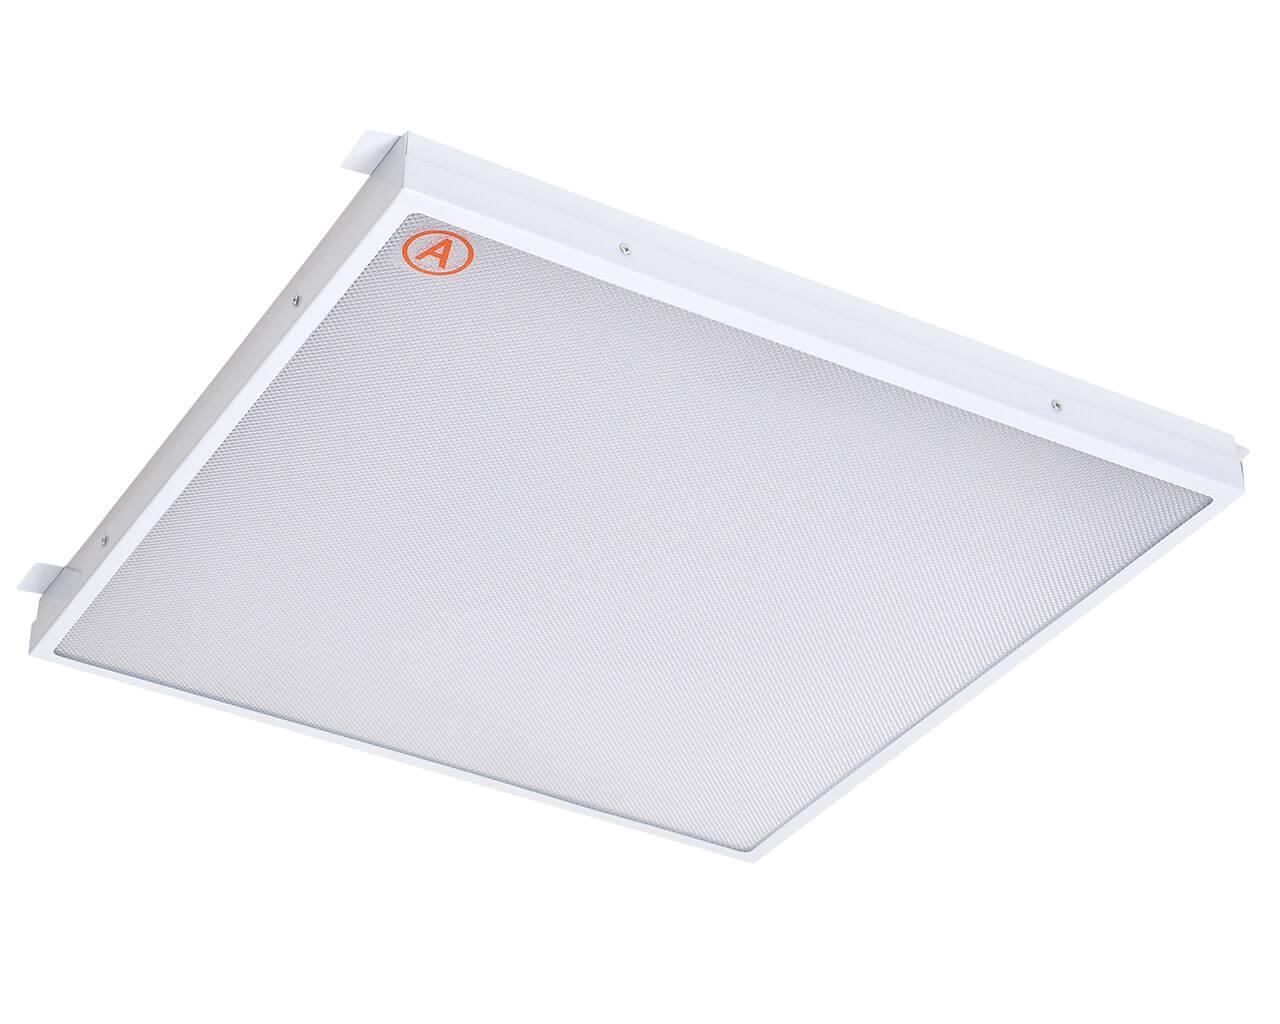 Встраиваемый светильник LC-GIP-60 580x580 Теплый белый Призма с Бап-3 часа